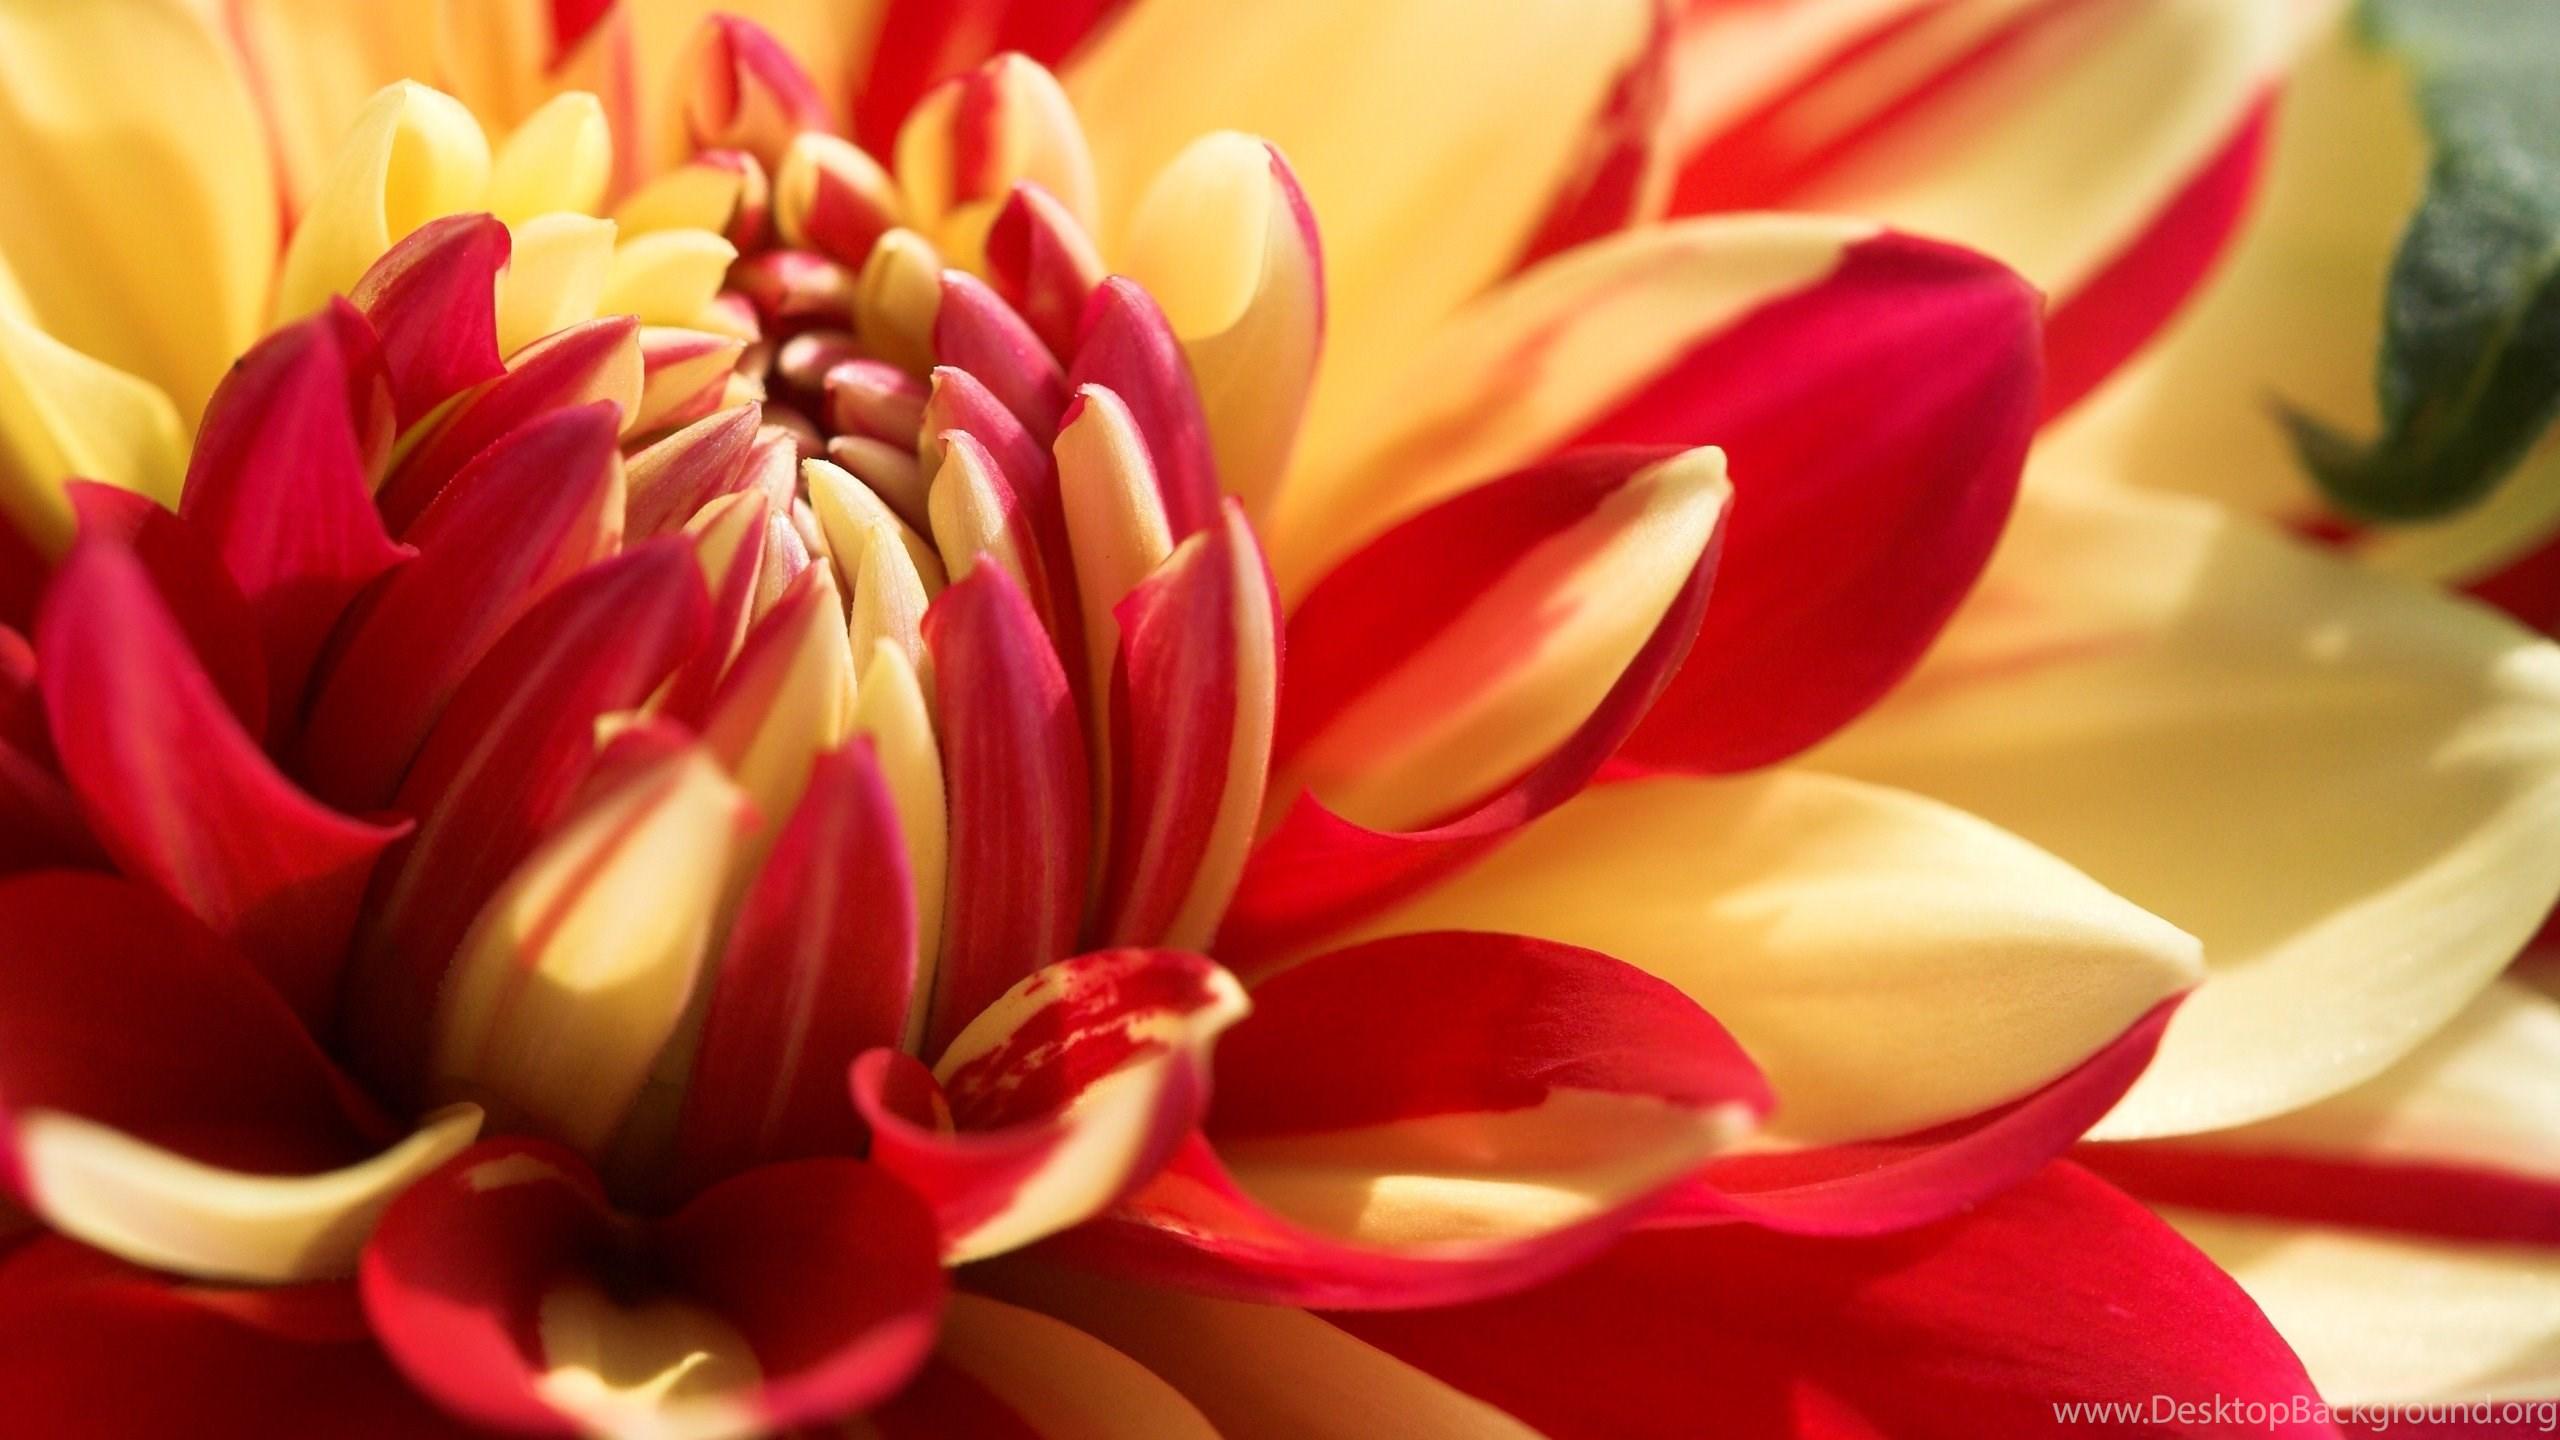 Download beautiful flowers wallpapers hd wallpapers desktop netbook izmirmasajfo